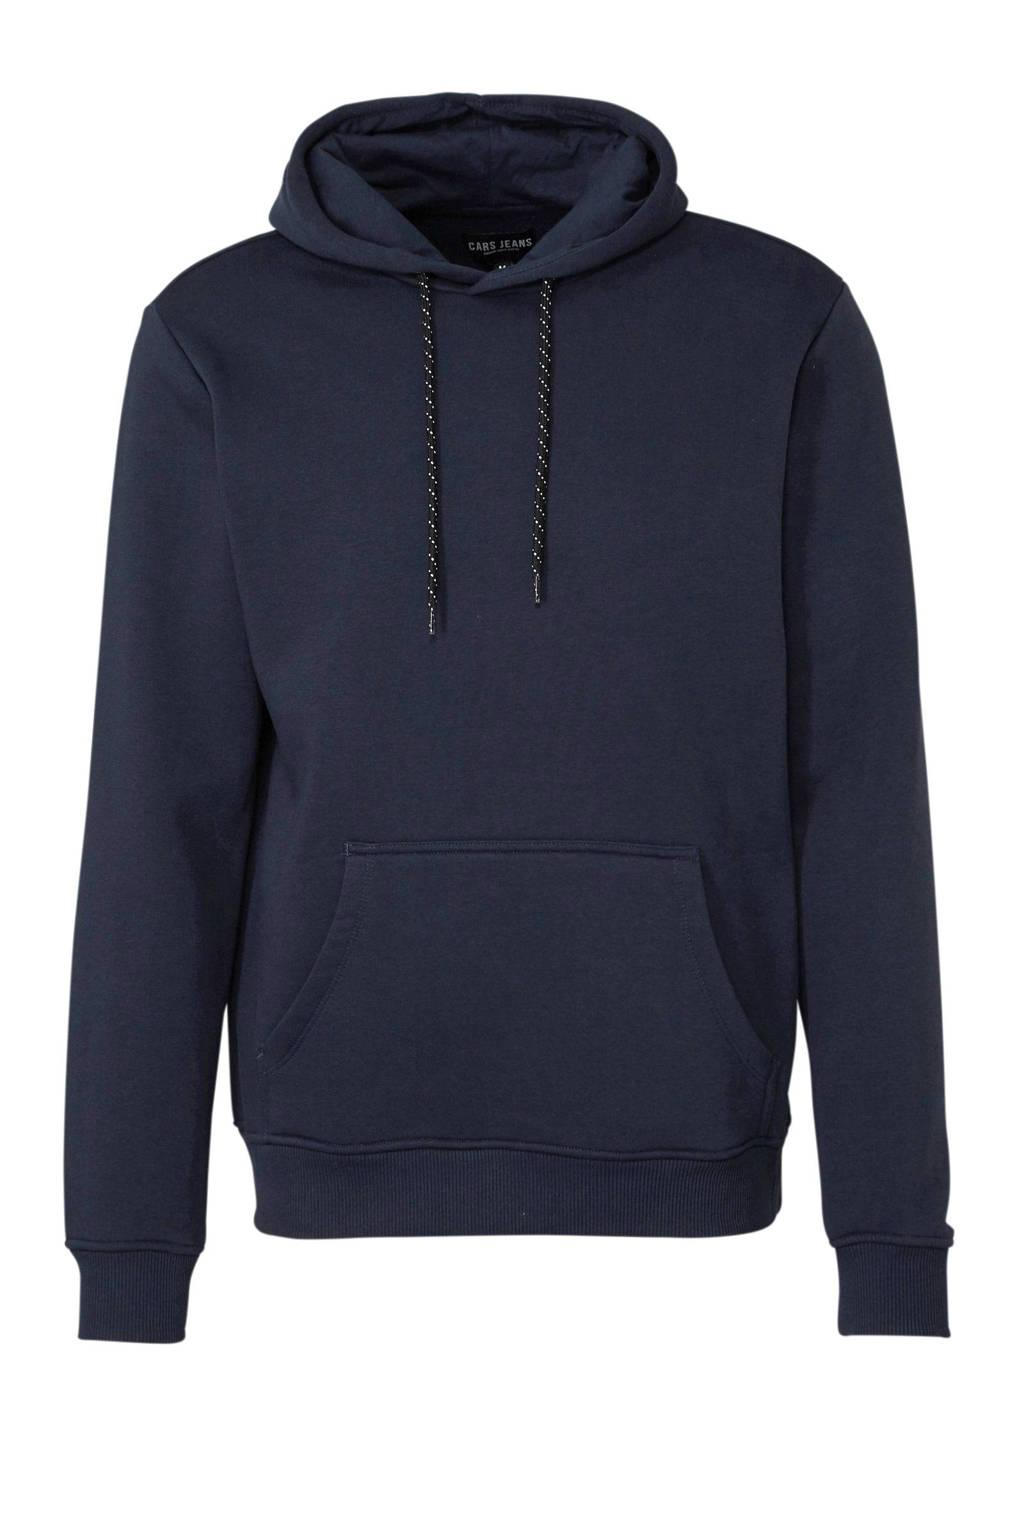 Cars hoodie, Marine